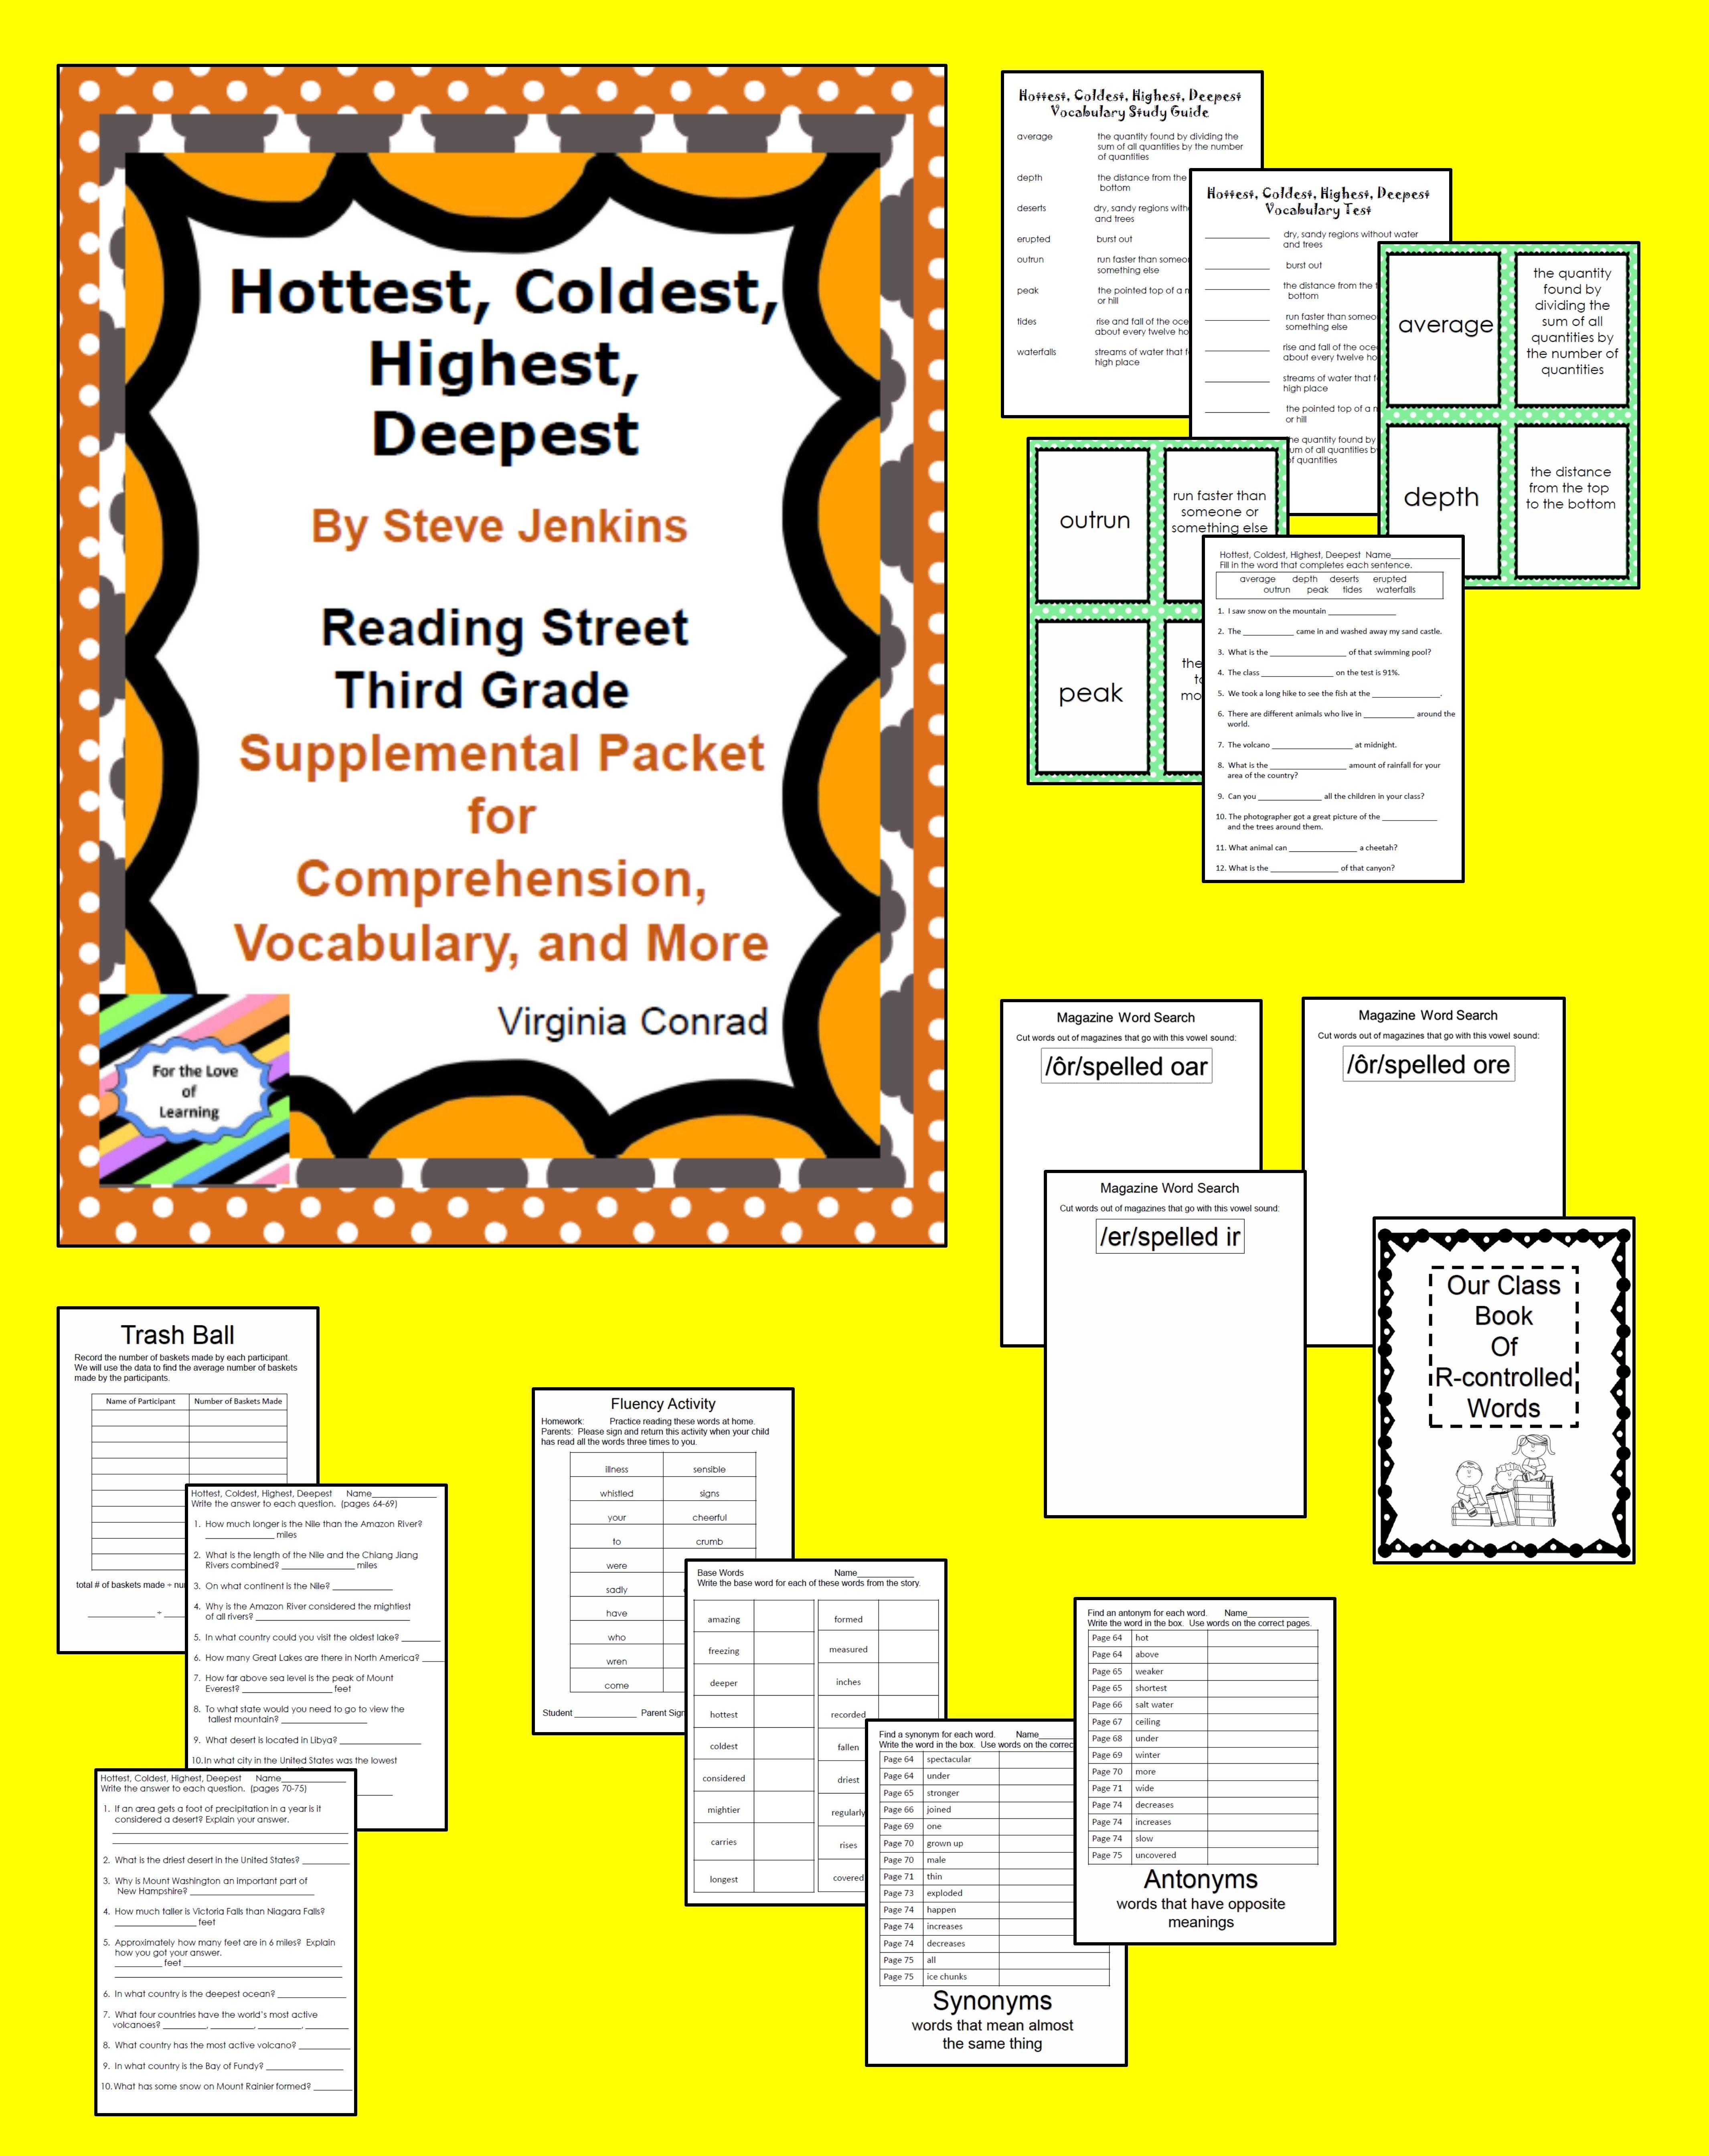 Hottest Coldest Highest Deepest Supplemental Pack Reading Street Third Grade